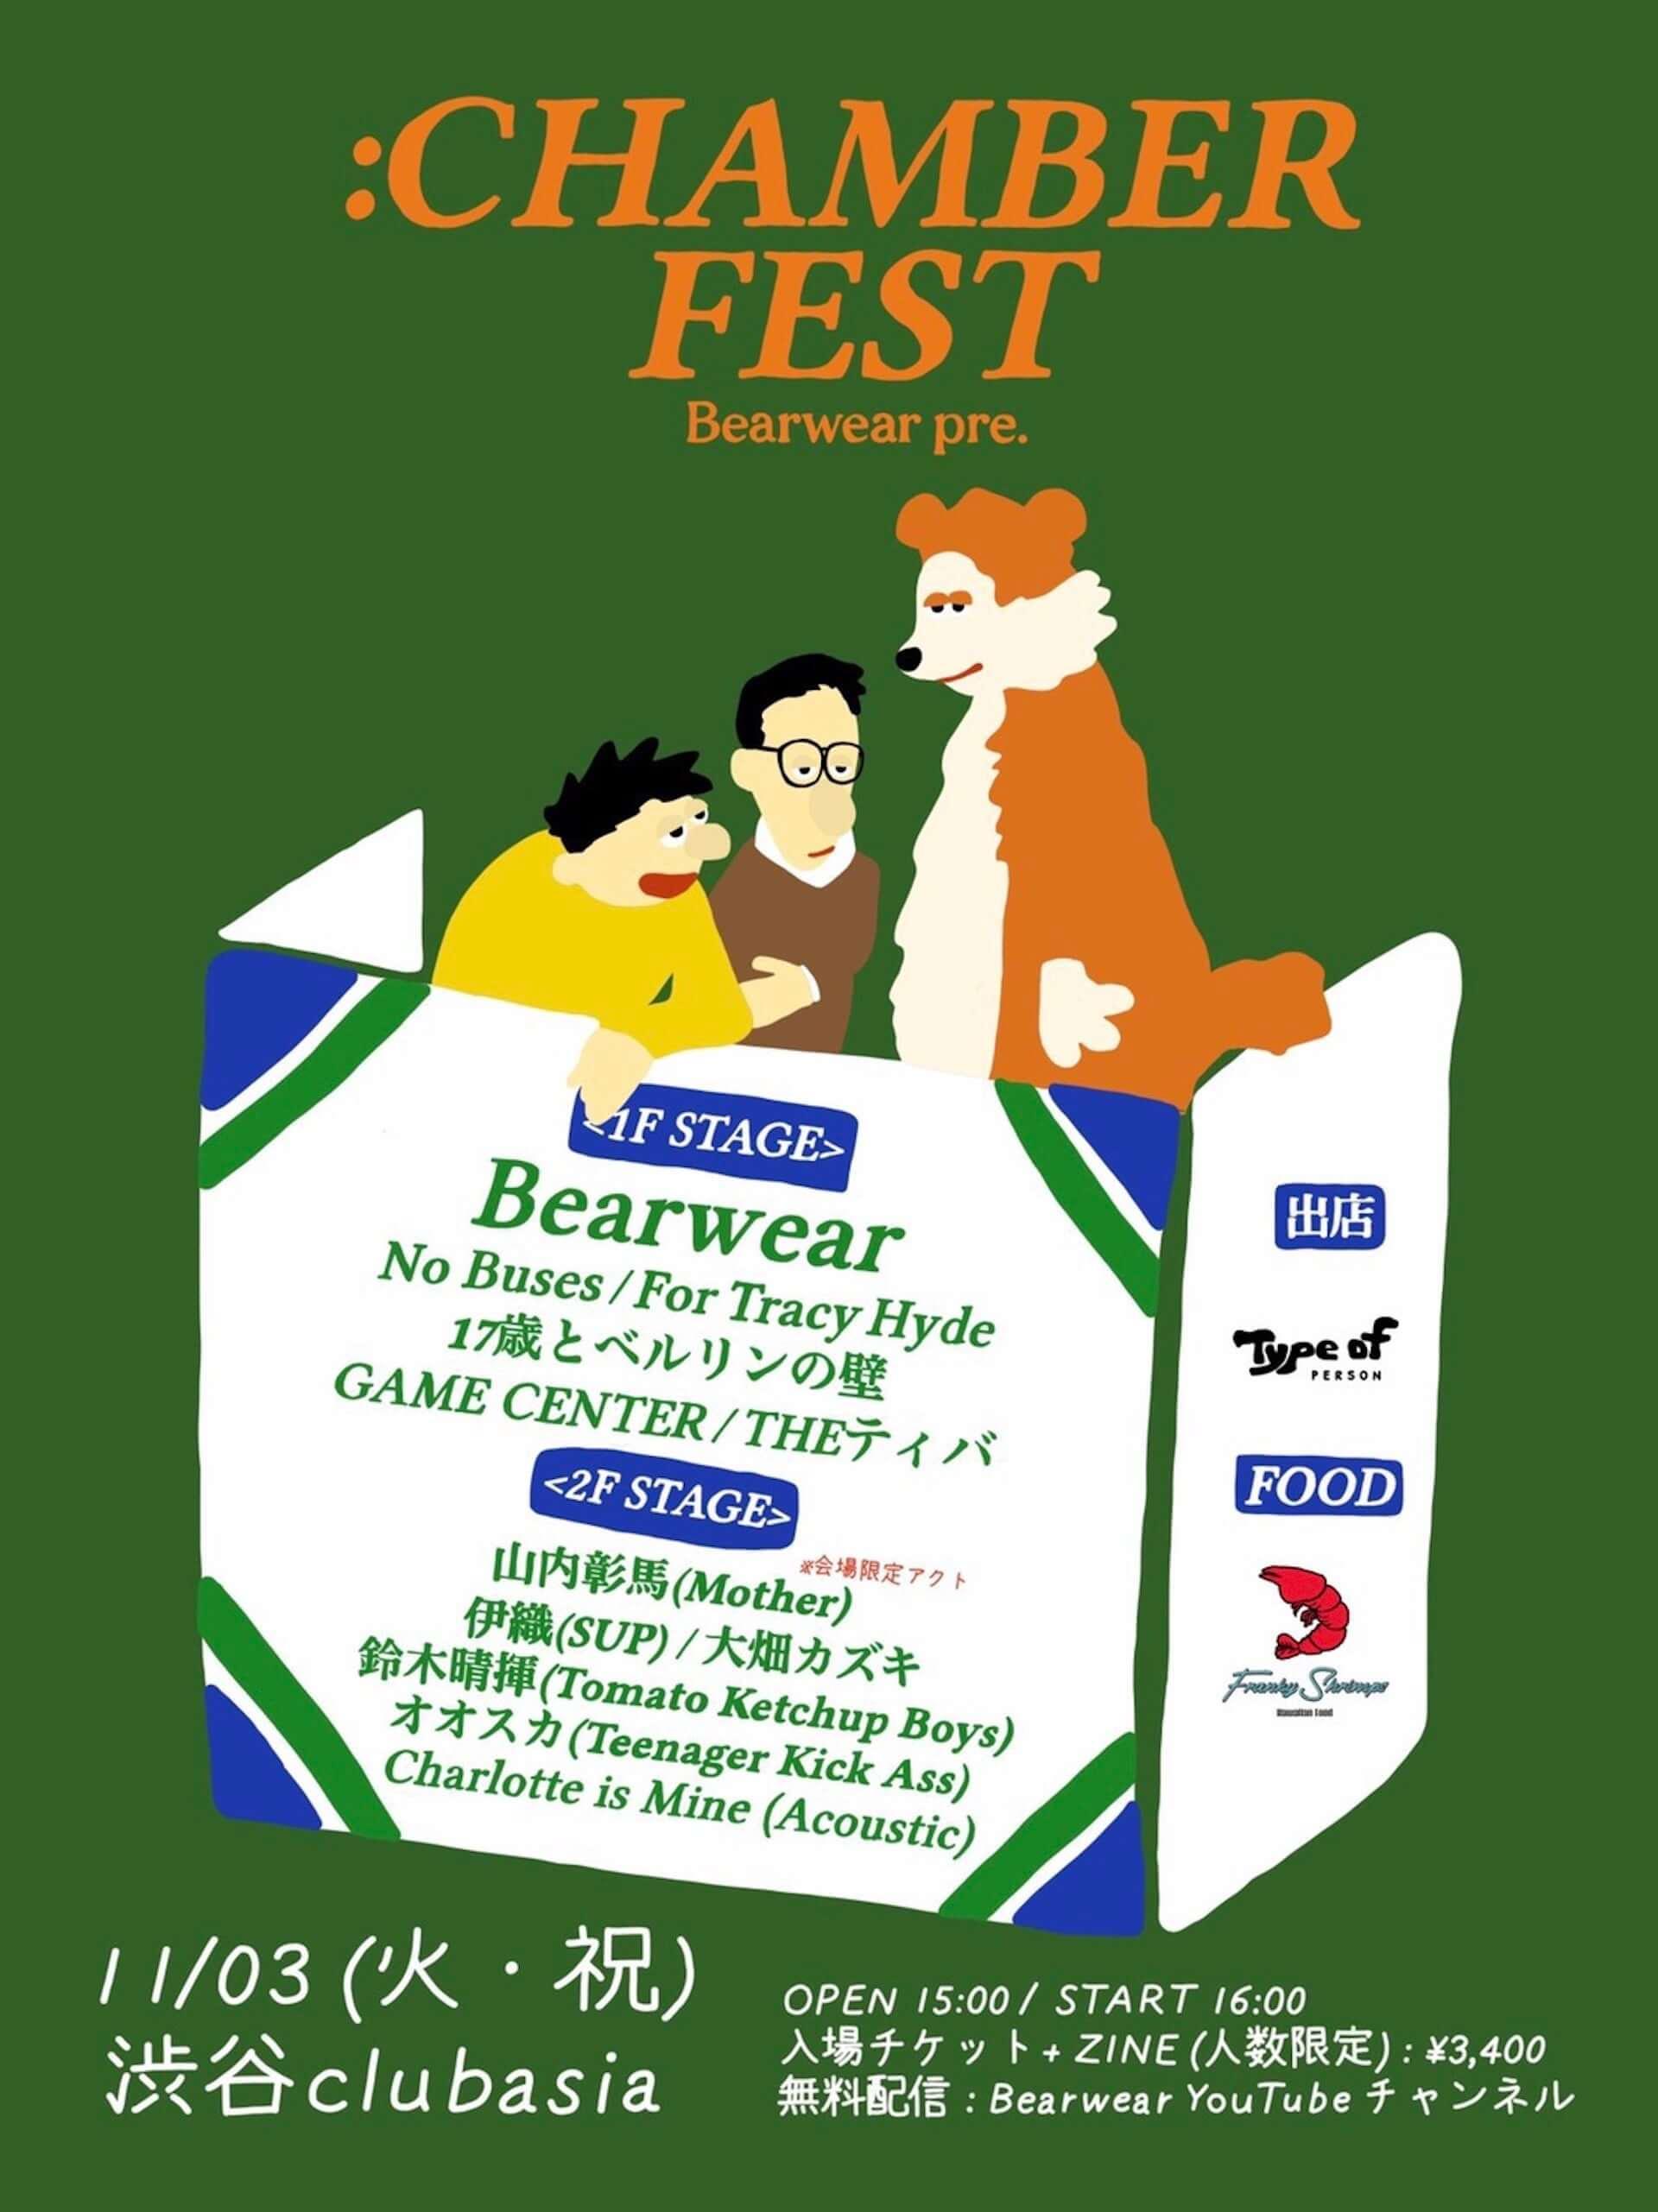 Bearwear主催<:CHAMBER FEST>の最終ラインナップが解禁!17歳とベルリンの壁、Mother・山内彰馬らが出演決定 music201028_chamberfest_2-1920x2562